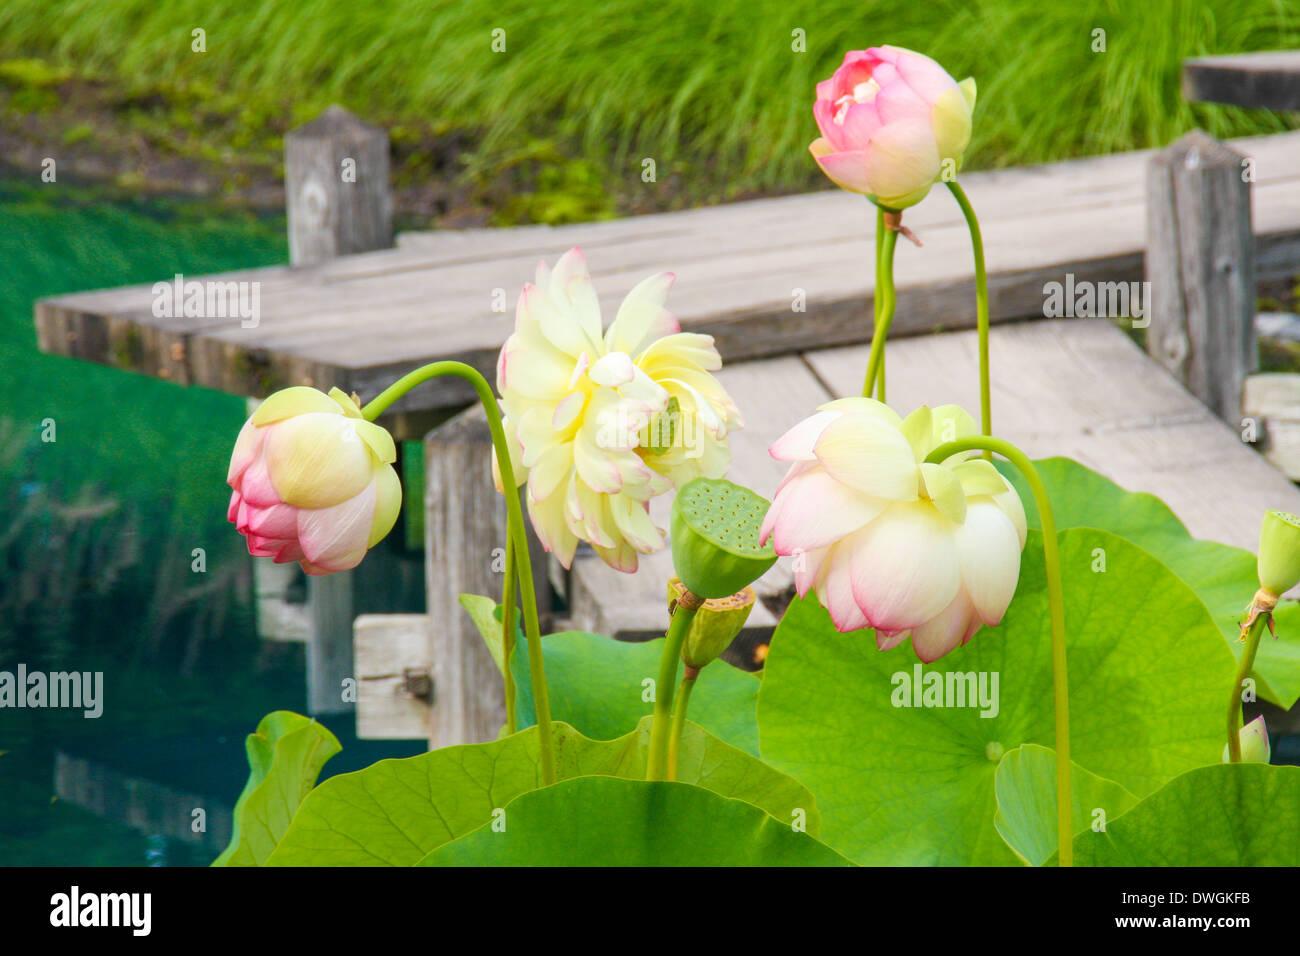 Beautiful lotus flowers stock photos beautiful lotus flowers stock beautiful lotus flowers at pond stock image izmirmasajfo